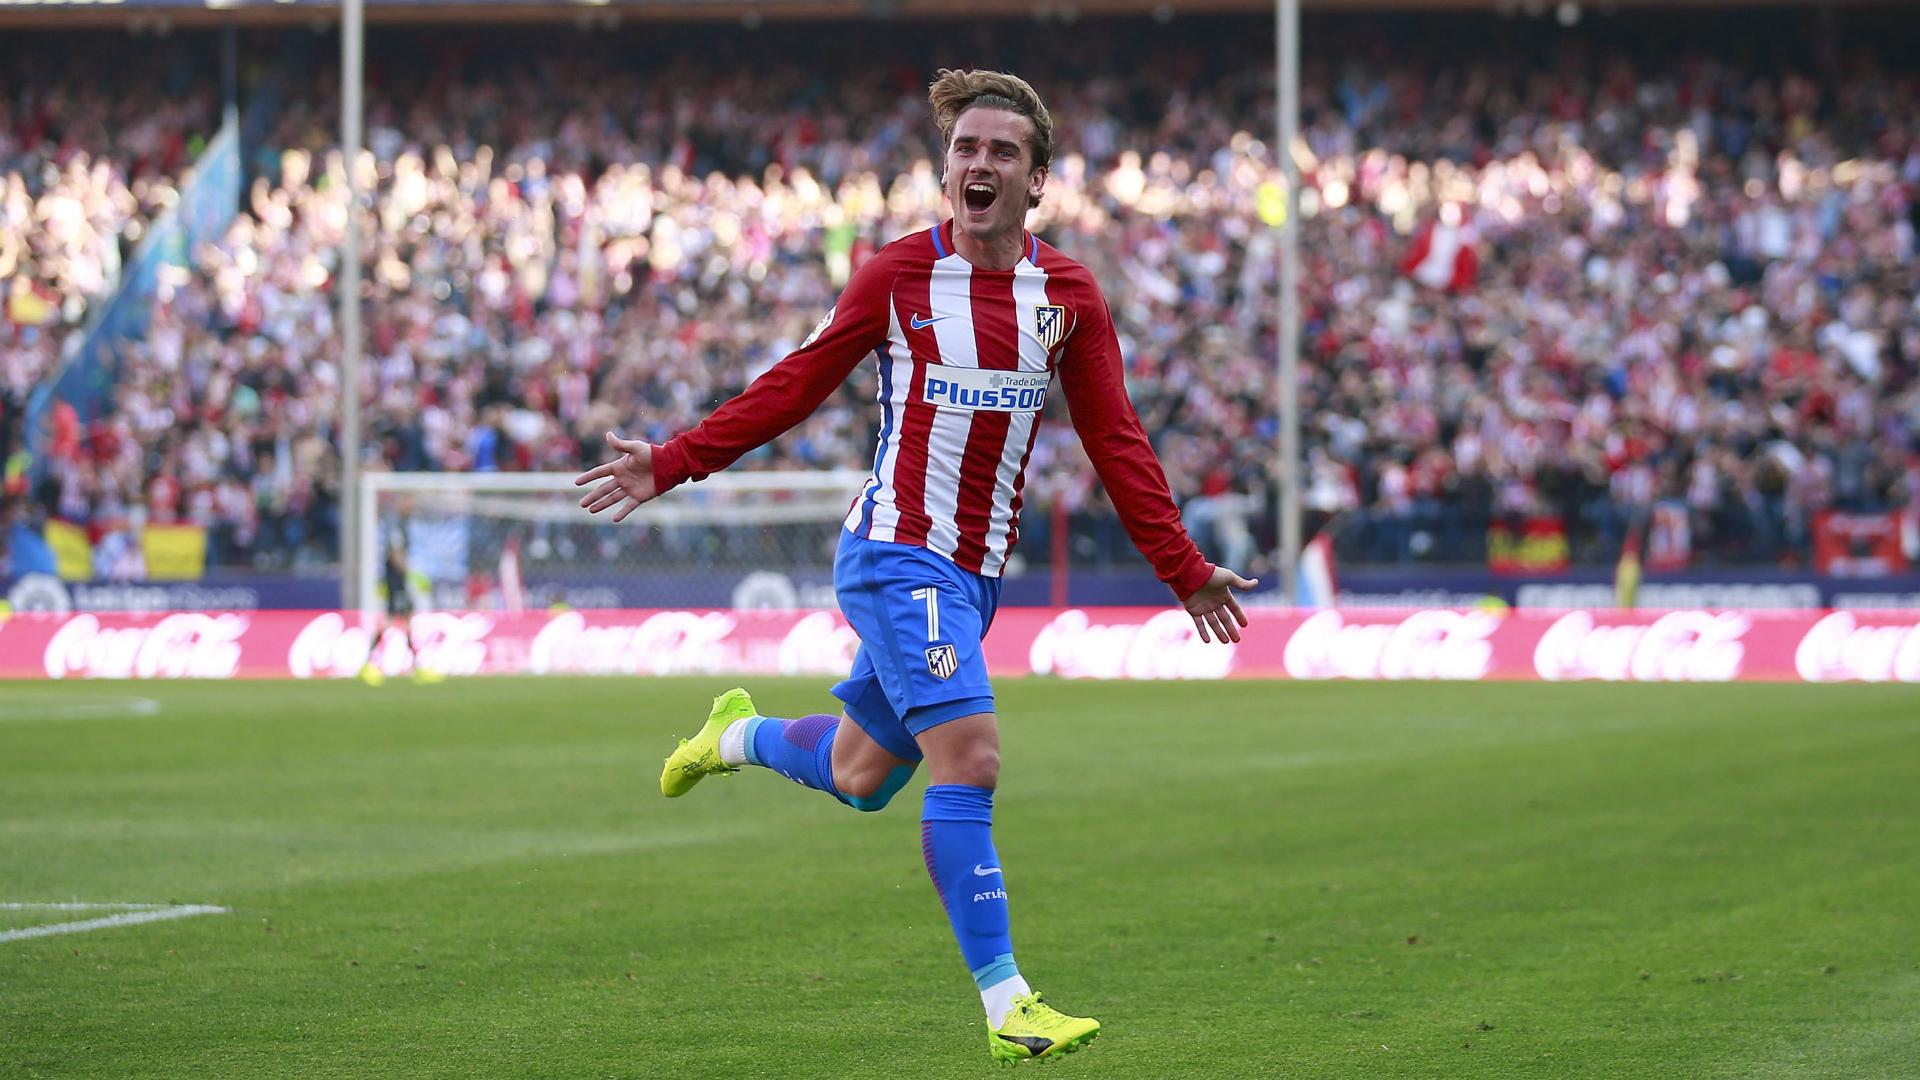 Σιμεόνε: «Καλύτερος σε επιθετική ομάδα ο Γκριεζμάν» | Sportsking.gr